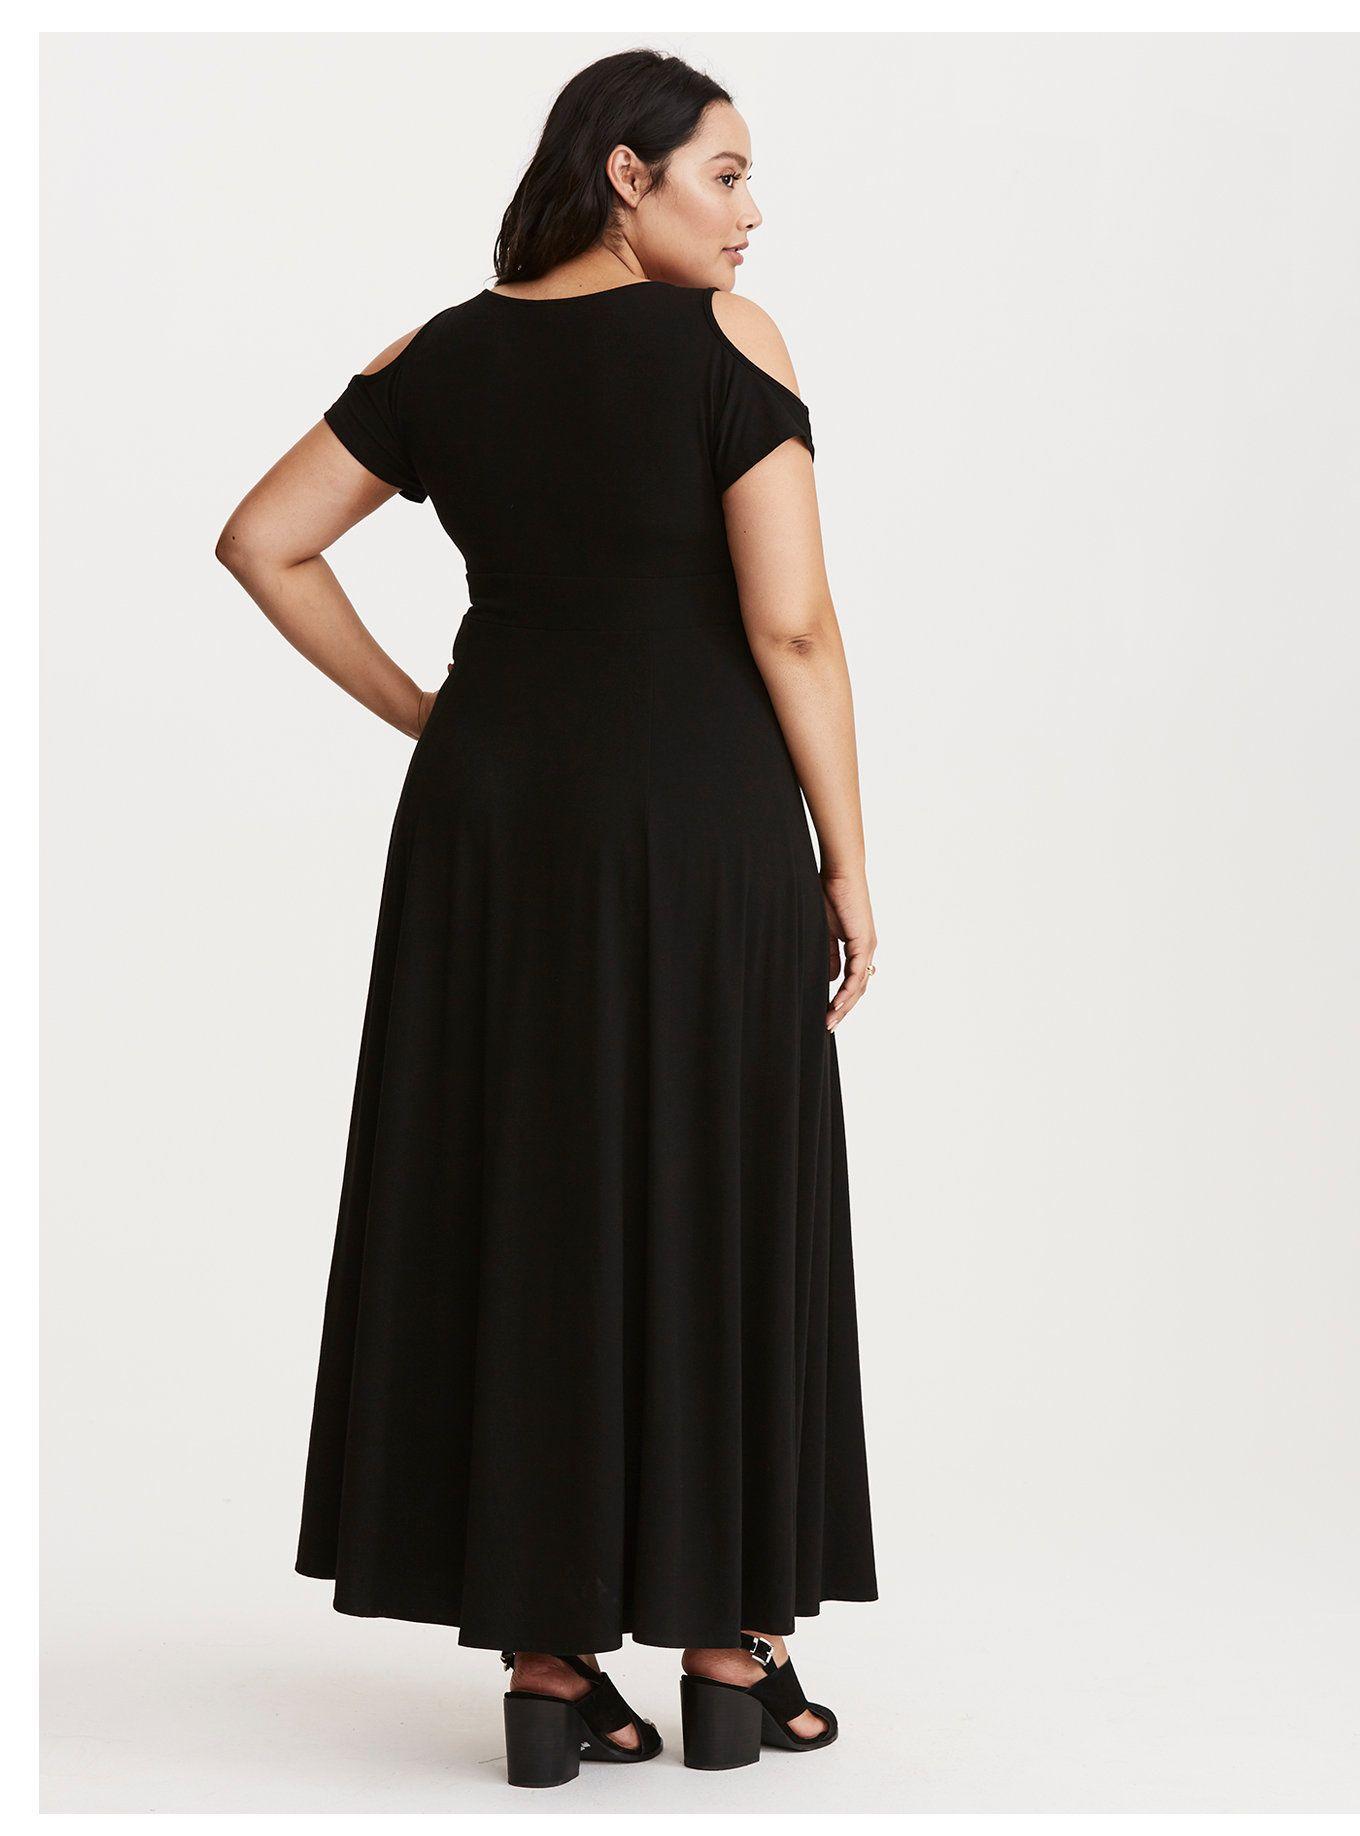 8f72d50d1b Jersey Cold Shoulder Surplice Maxi Dress | Duci divat. | Dresses ...